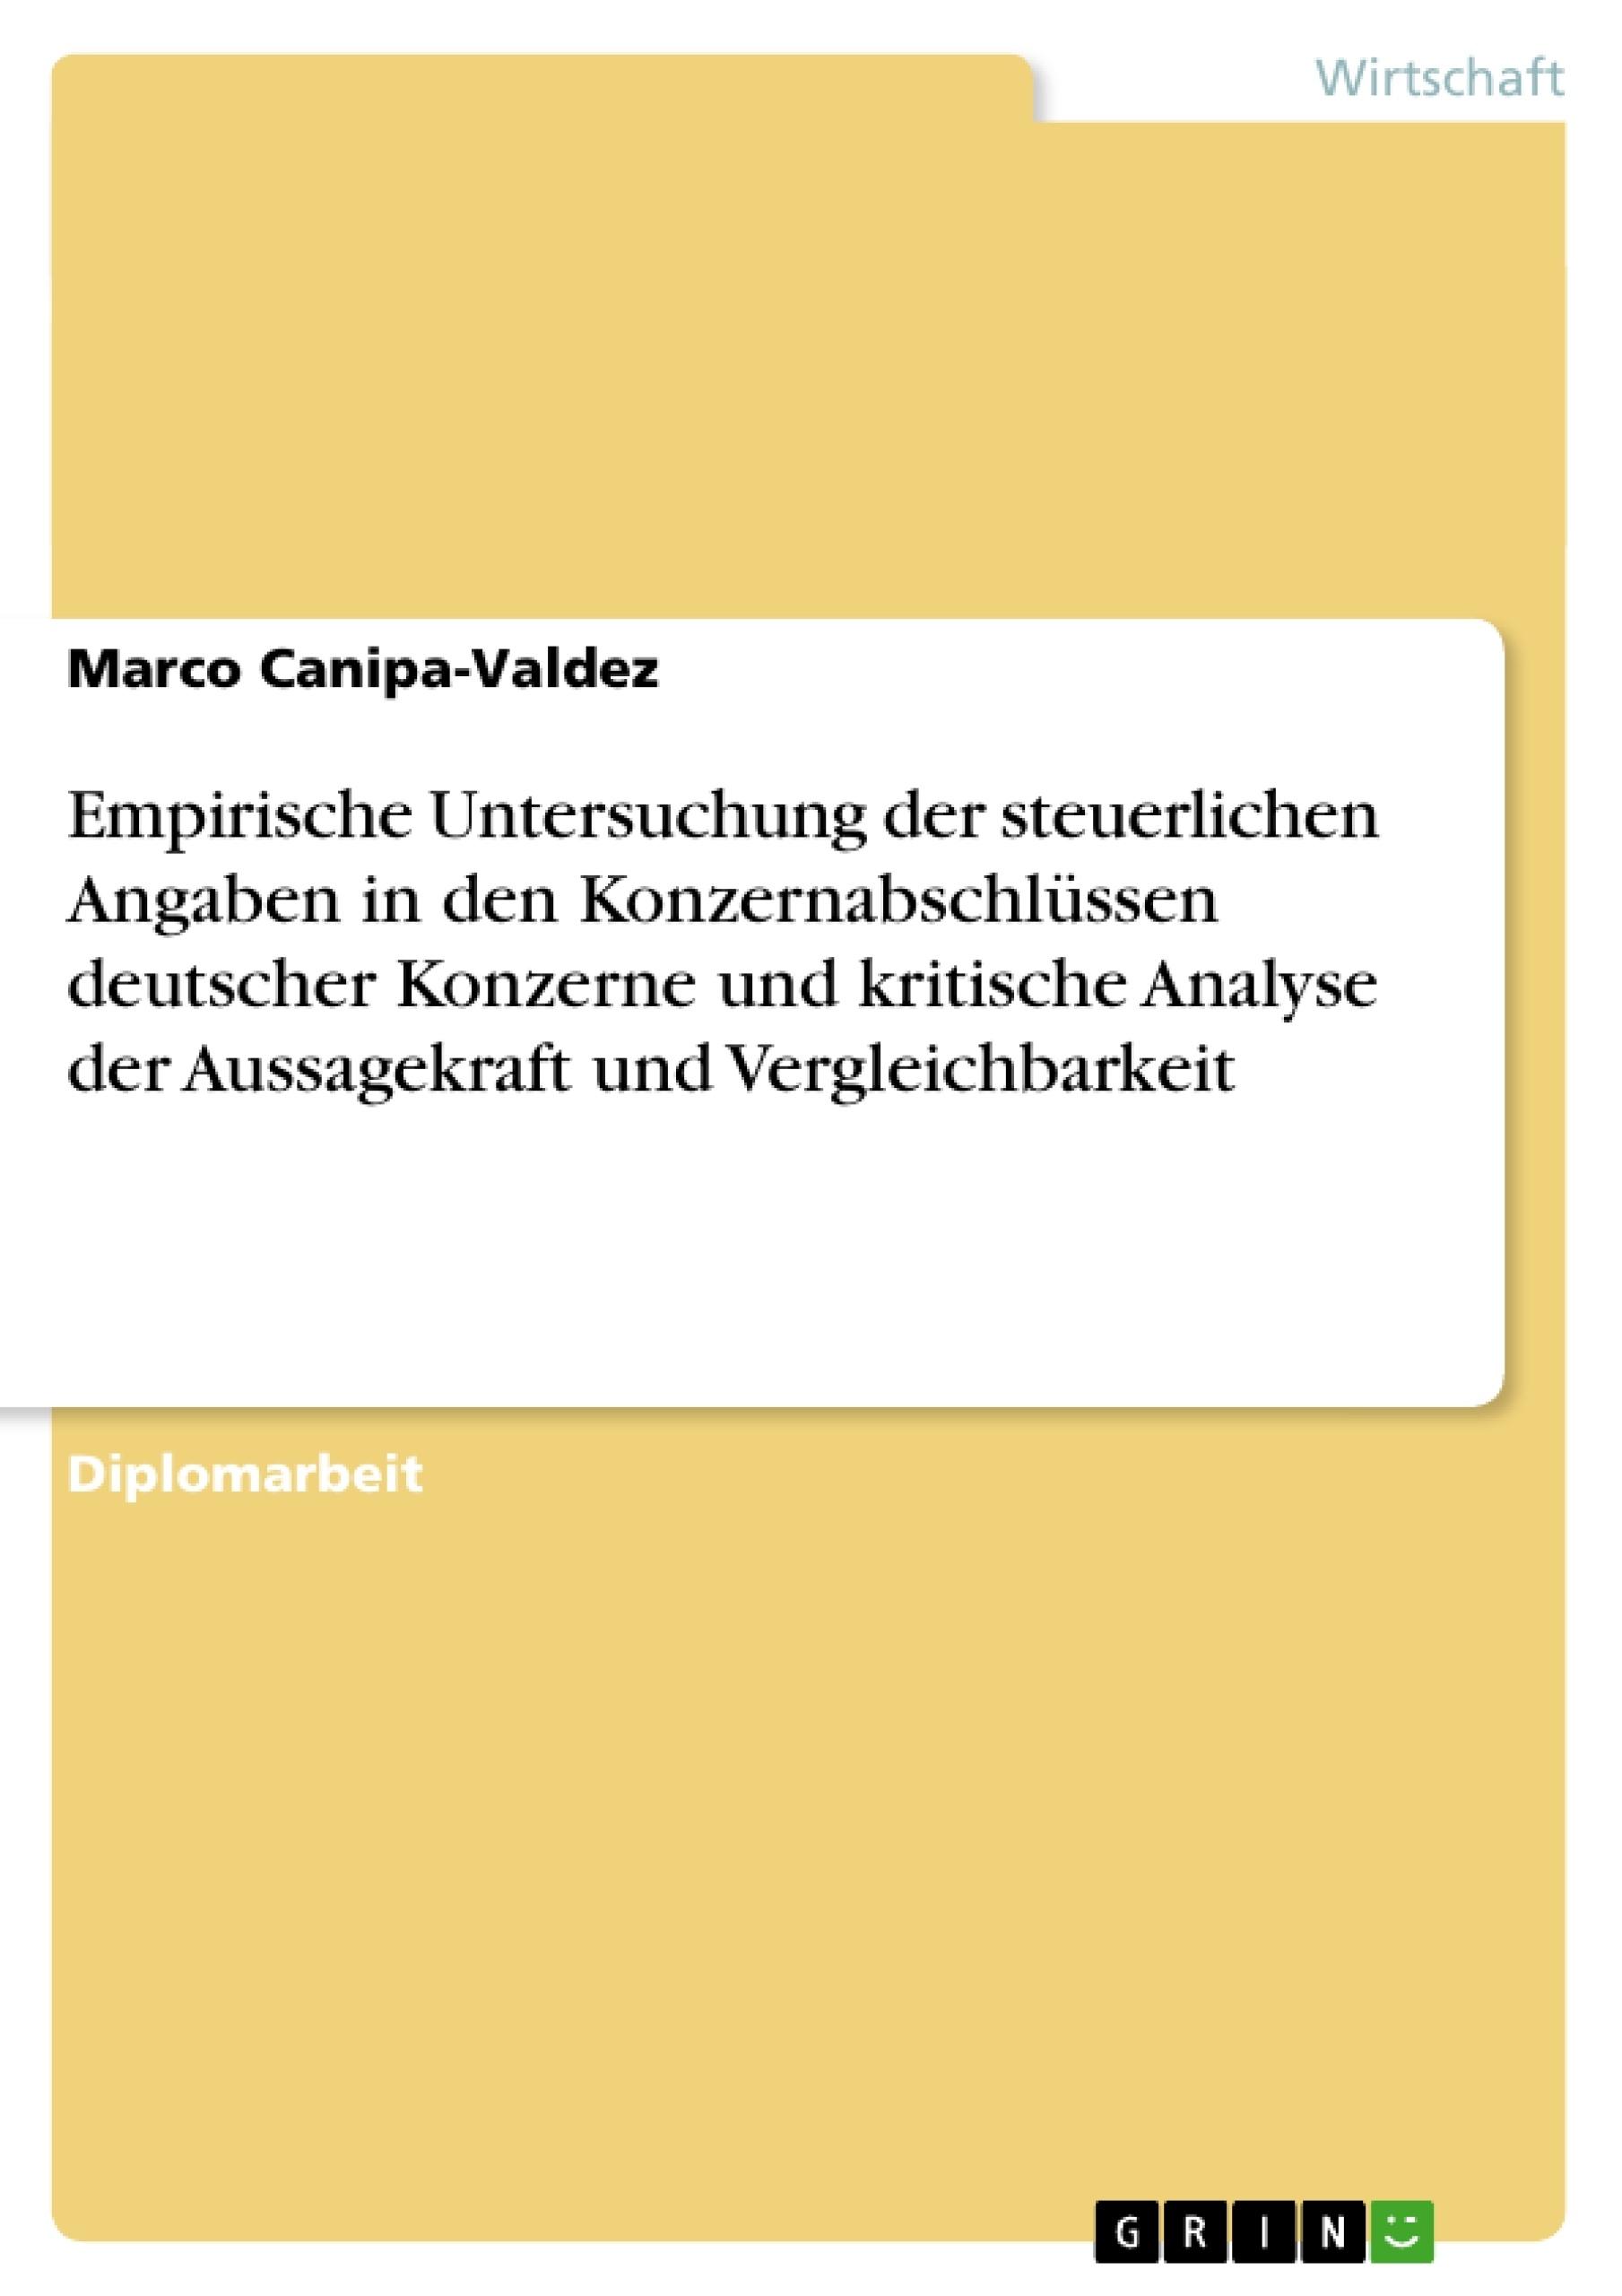 Titel: Empirische Untersuchung der steuerlichen Angaben in den Konzernabschlüssen deutscher Konzerne und kritische Analyse der Aussagekraft und Vergleichbarkeit